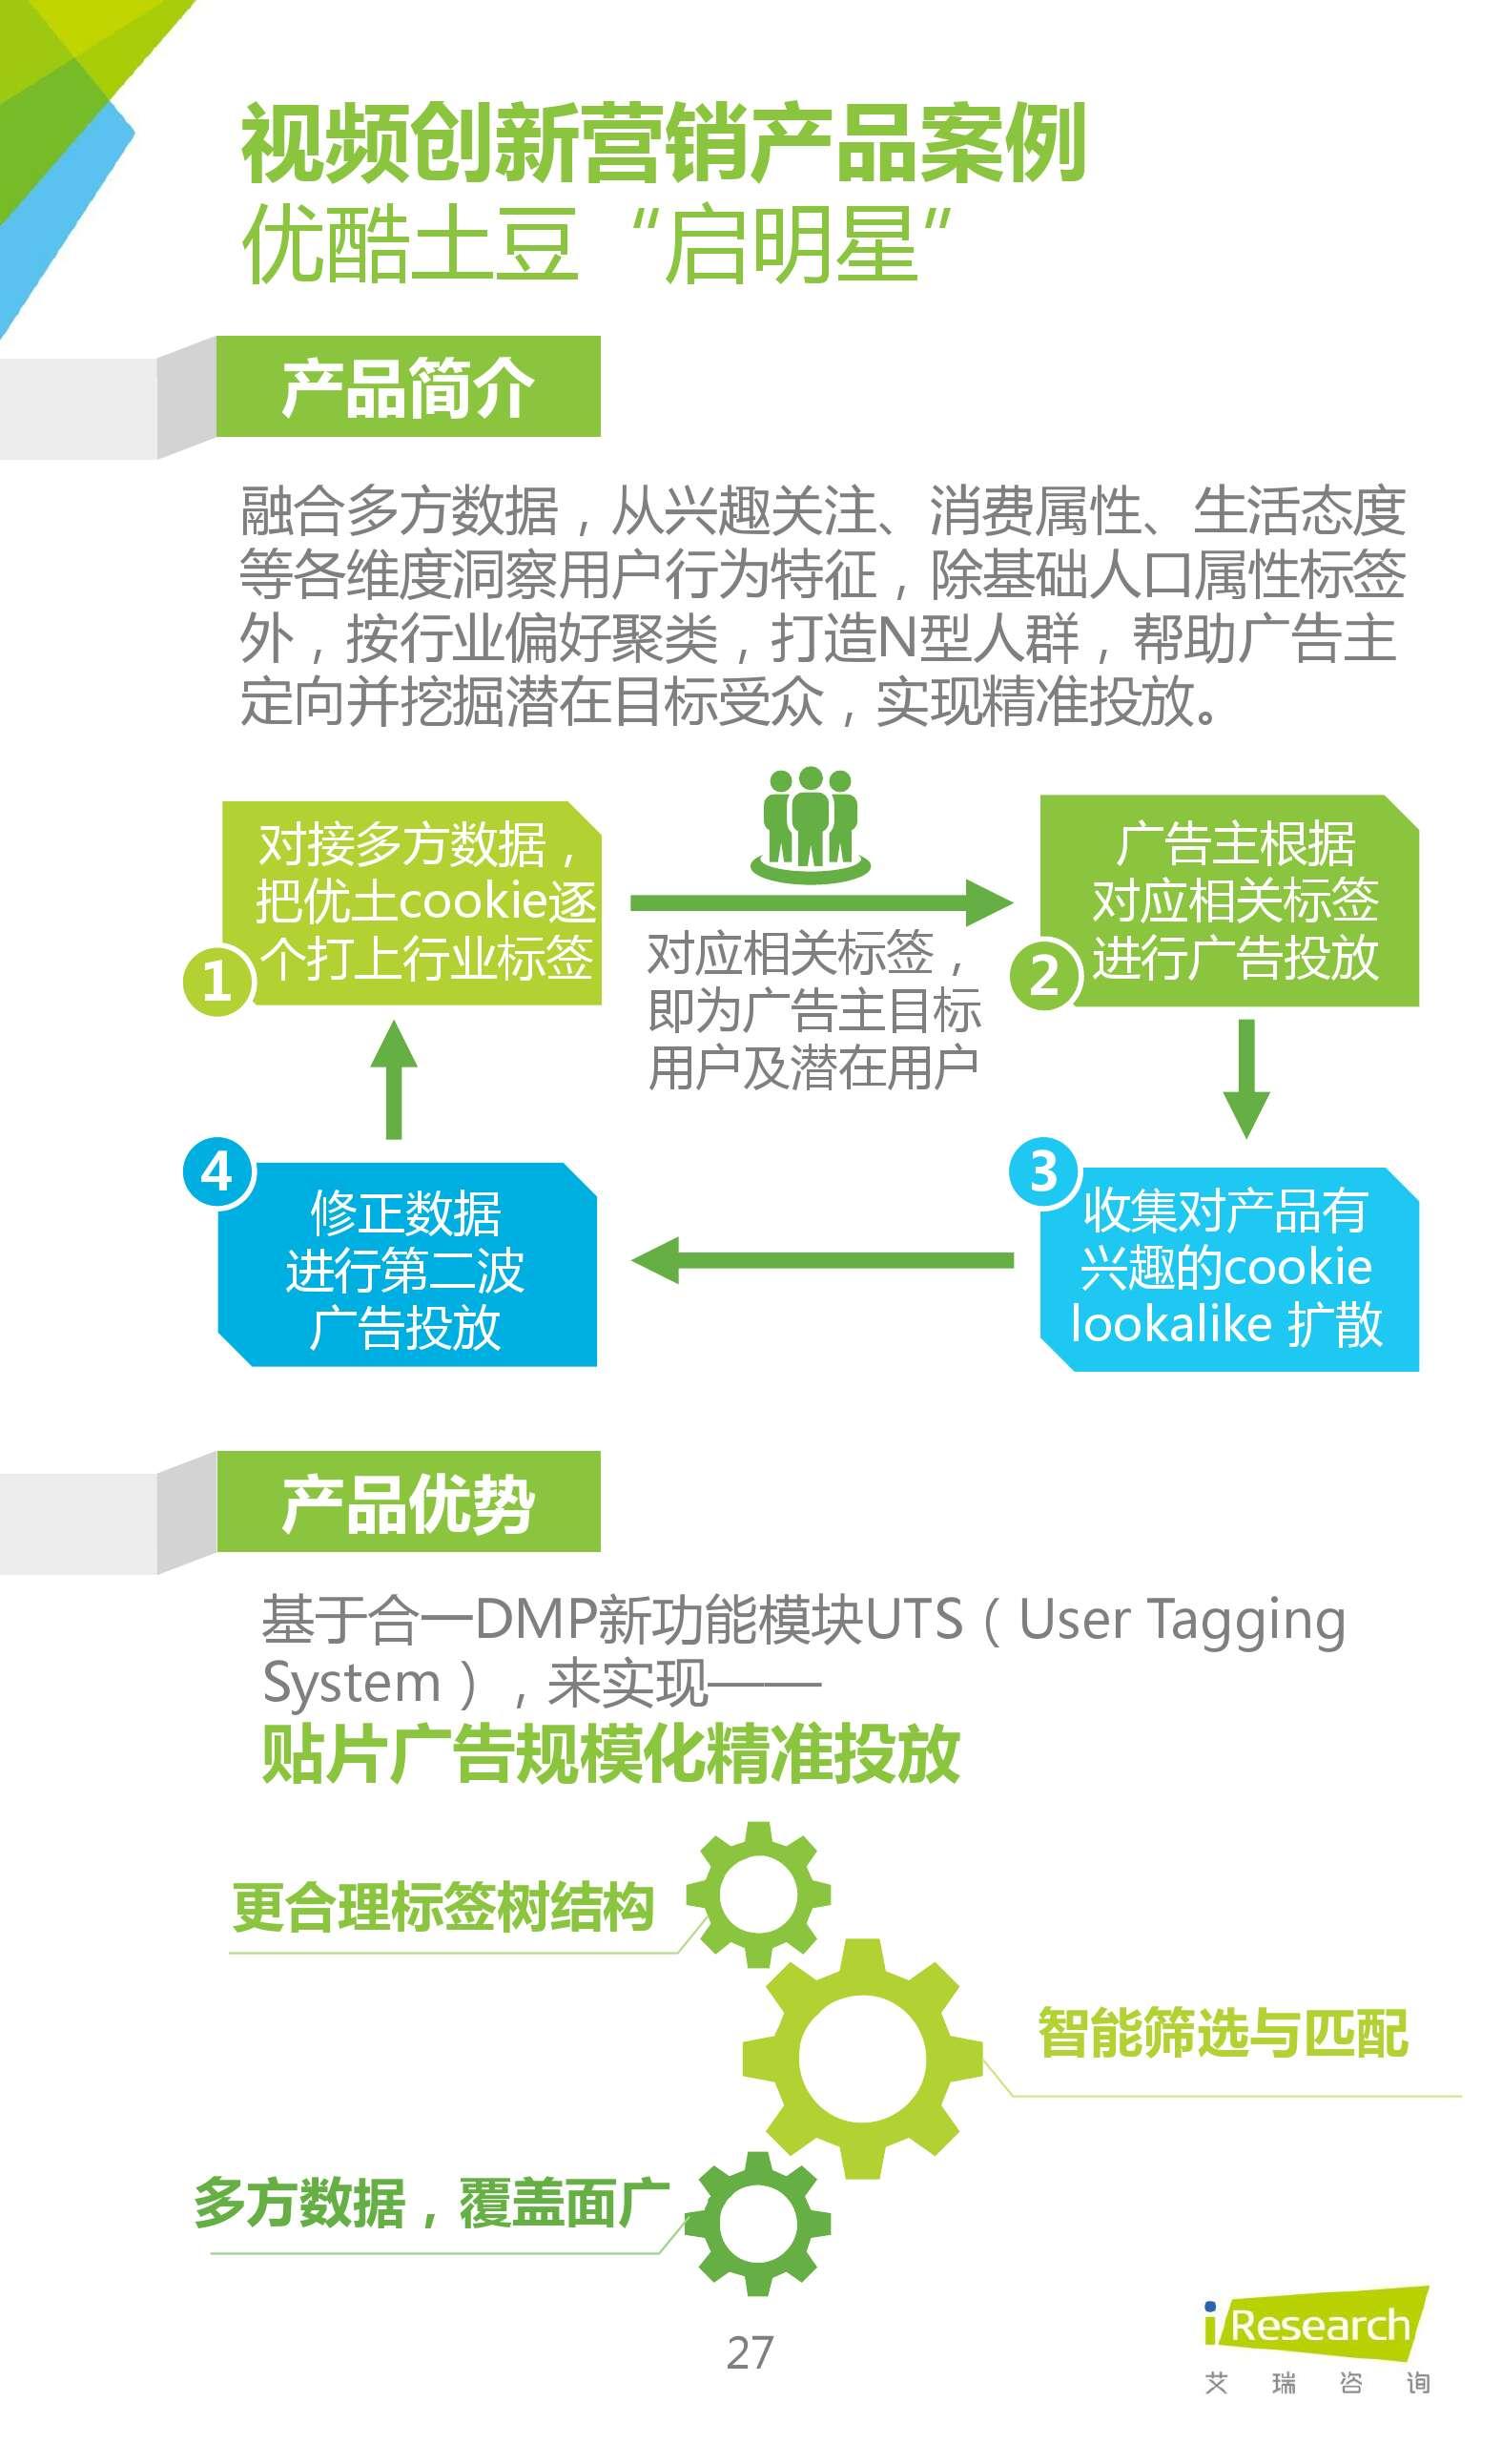 2016年中国在线视频企业创新营销研究_000027